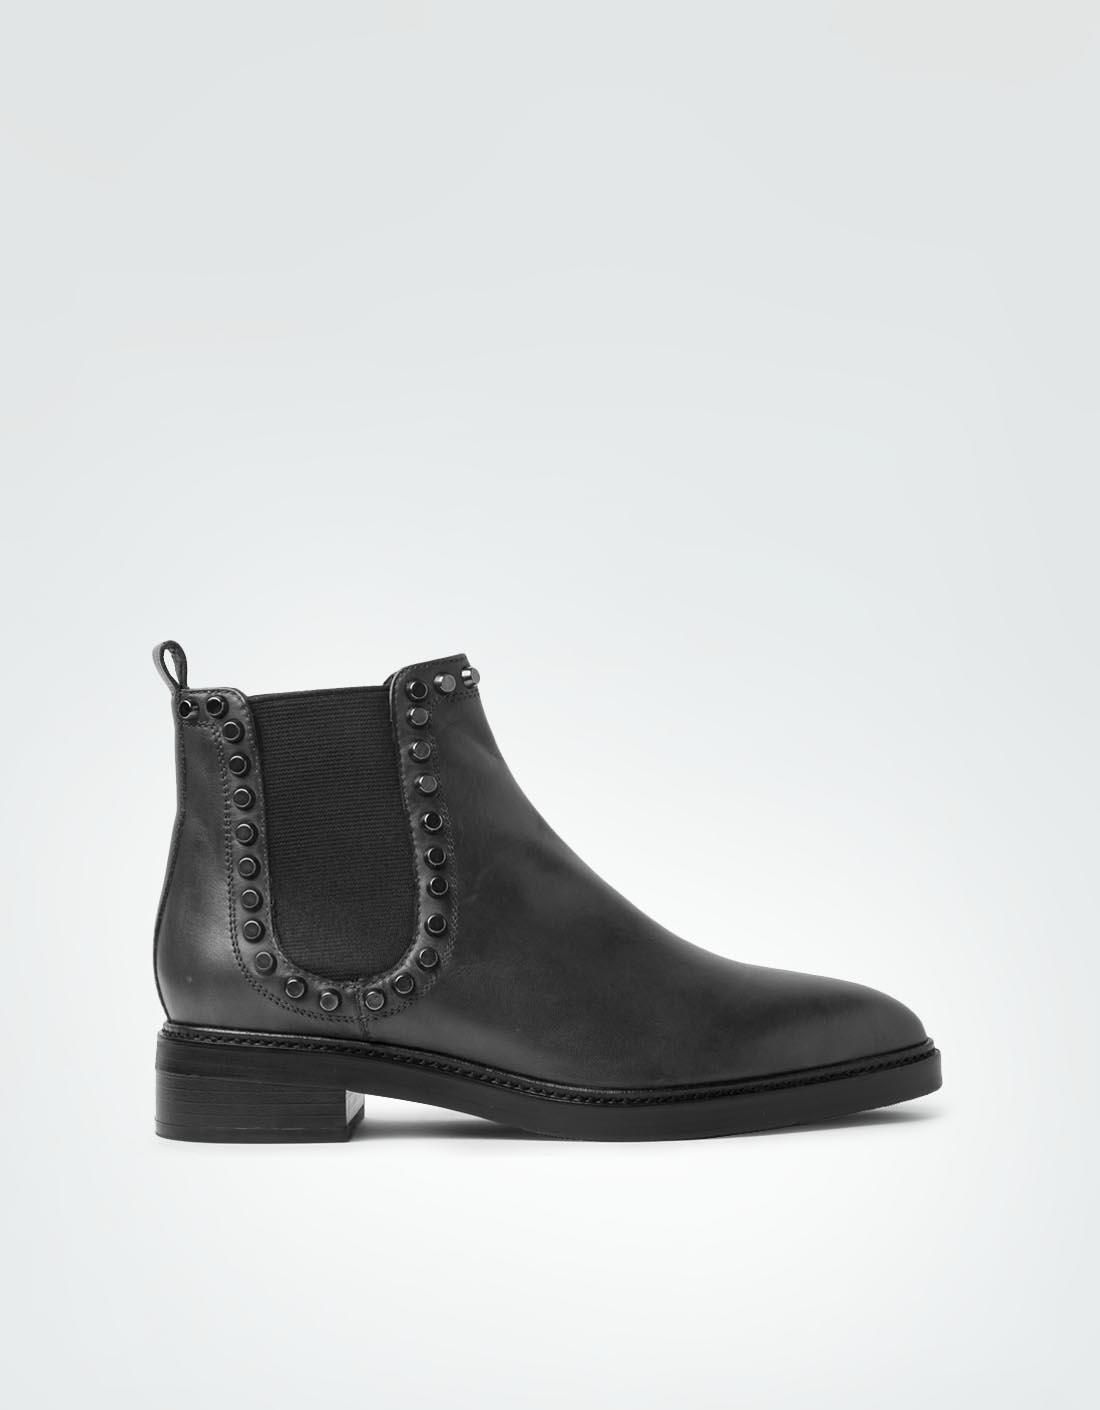 steffen schraut damen chelsea boots mit nieten empfohlen. Black Bedroom Furniture Sets. Home Design Ideas